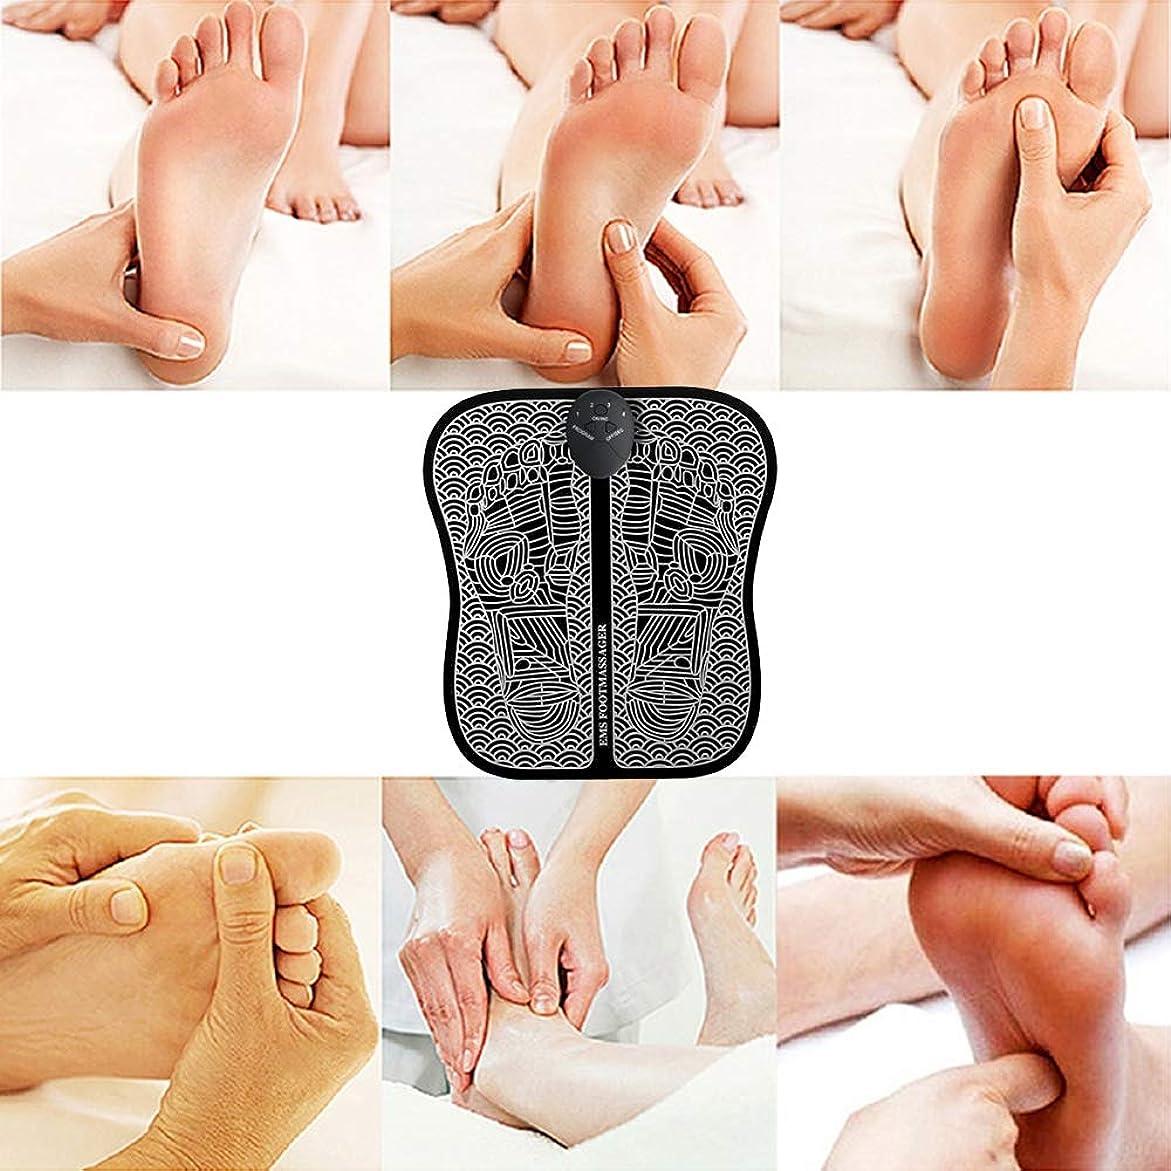 研磨に関して理解痛みを和らげる血液循環のためのEMSフットマッサージャーパッドマット痛みを伴う線維筋痛症